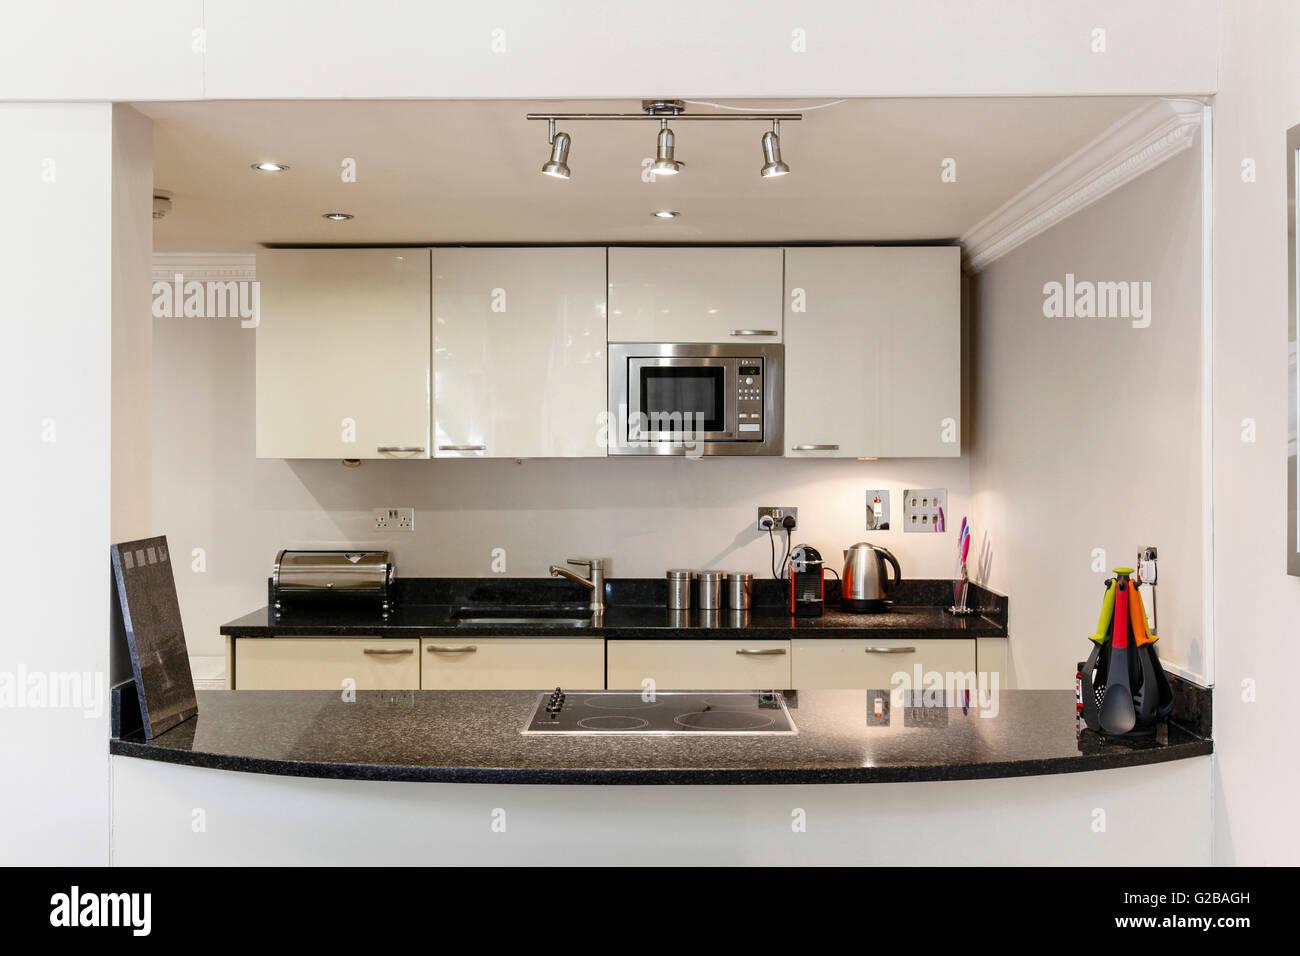 Gut Moderne Küche Mit Edelstahl Geräten Und Glänzend Weiße Schränke. Induktions  Stockbild